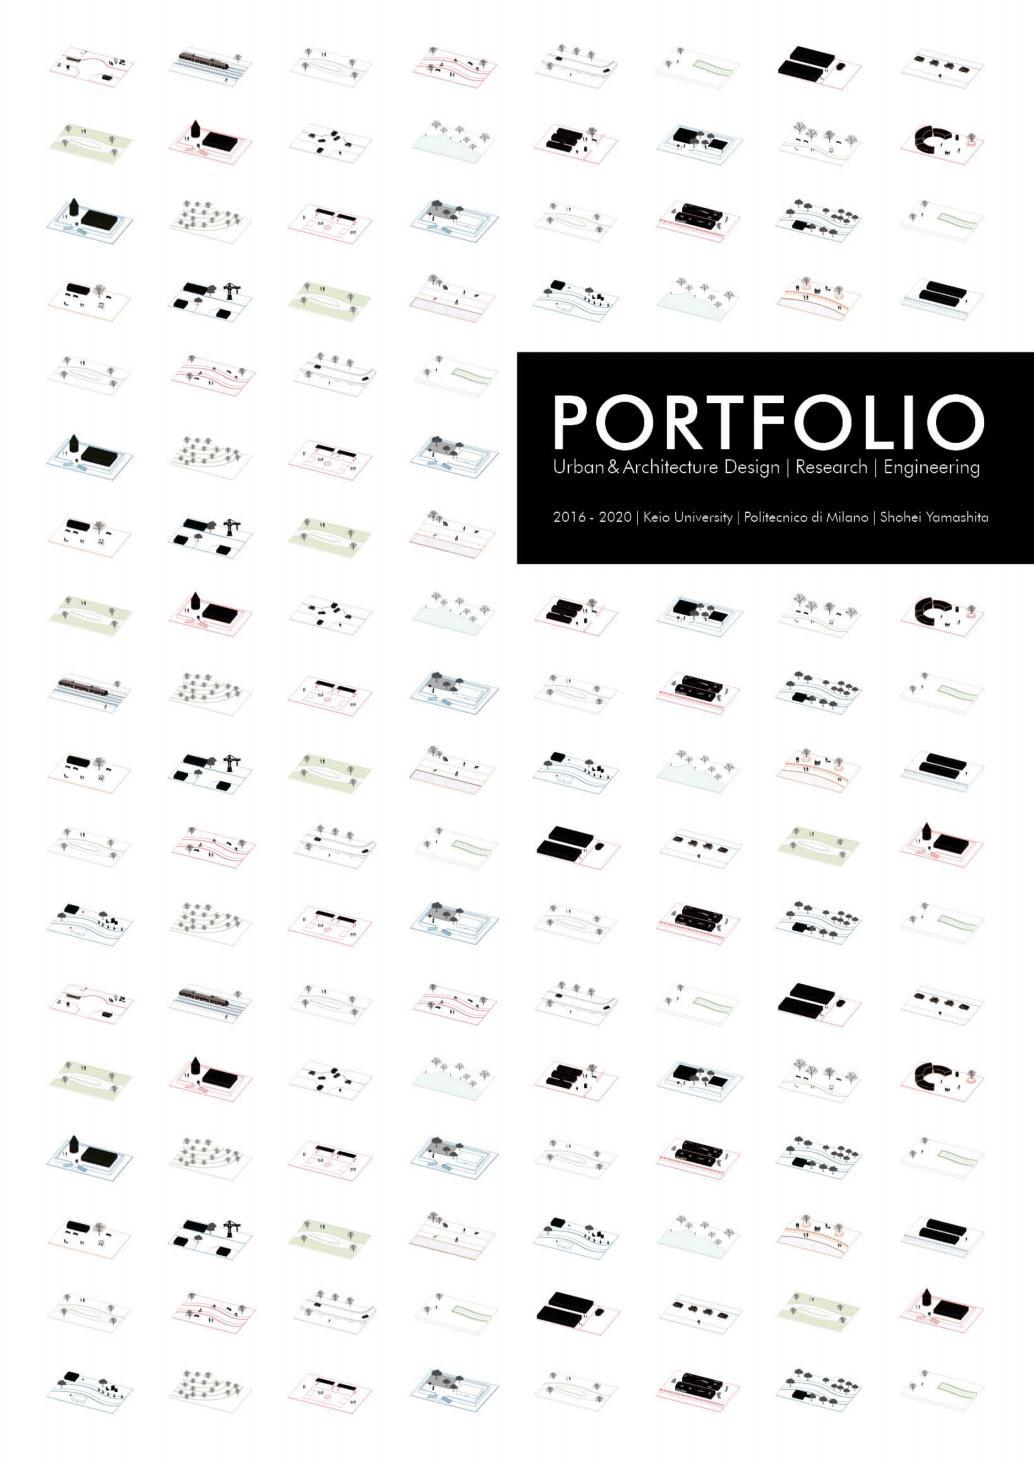 Architecture Portfolio Shohei Yamashita 2016 2020 Politecnico Di Milano Keio Univ By Yamaxile Issuu